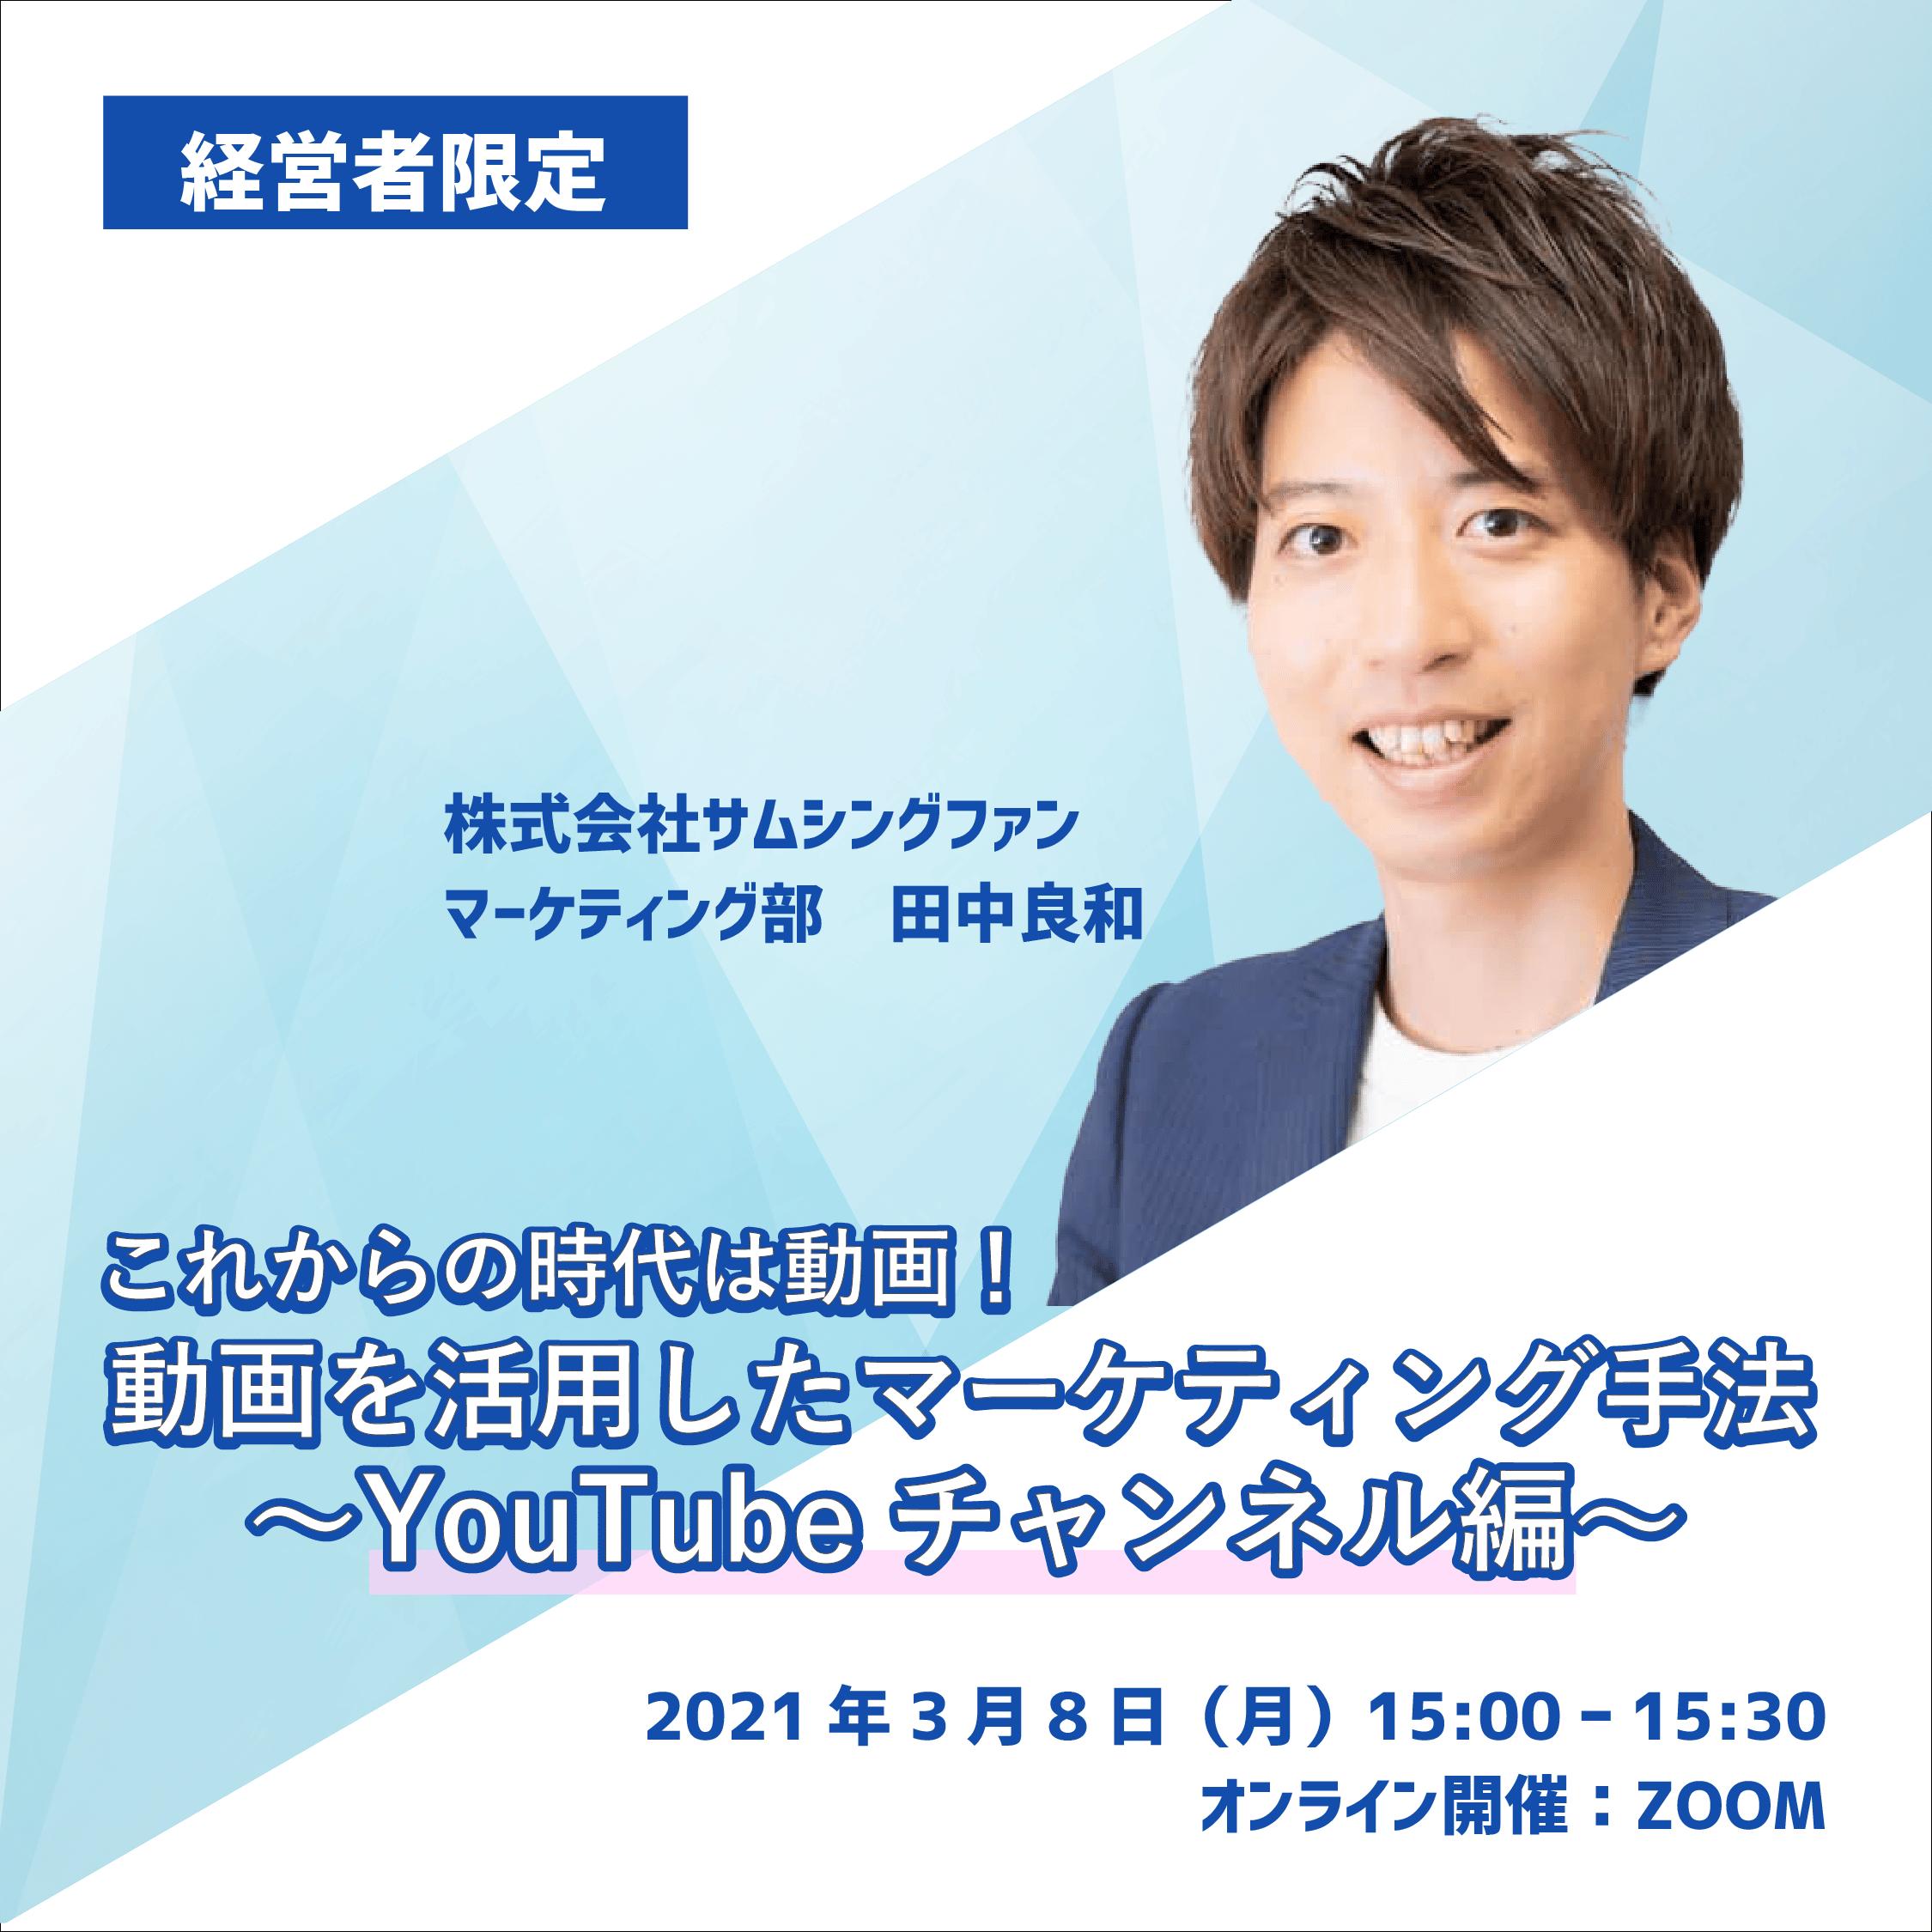 [無料勉強会]動画を活用したマーケティング手法〜YouTubeチャンネル編〜